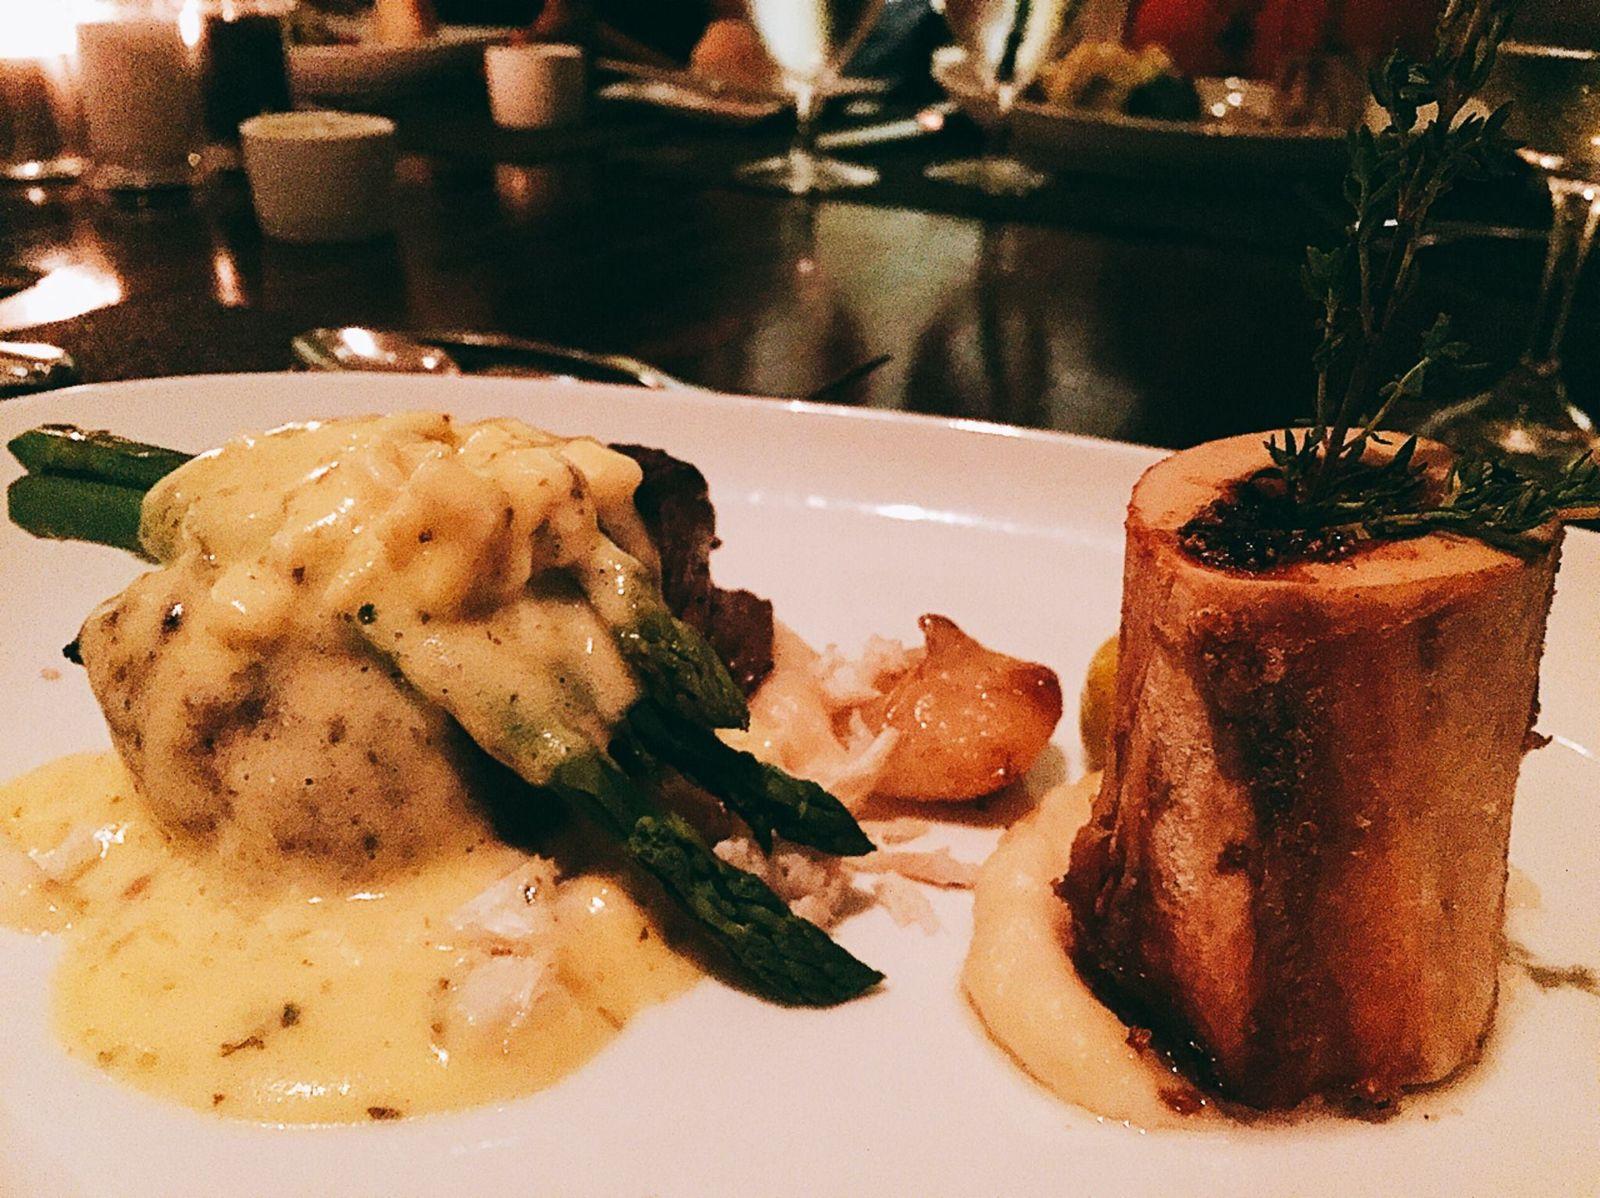 """こちらは、「シェフ、デビッド・ルケラの特製コースメニュー (chef david lukela's prix-fixe menus)」のメイン料理の一つ、「グリルドステーキ """"オスカー""""」。カニの身やアスパラガスのあしらわれた特製ソースが濃厚で、ボリュームもたっぷり。肉好き女子も大満足!"""